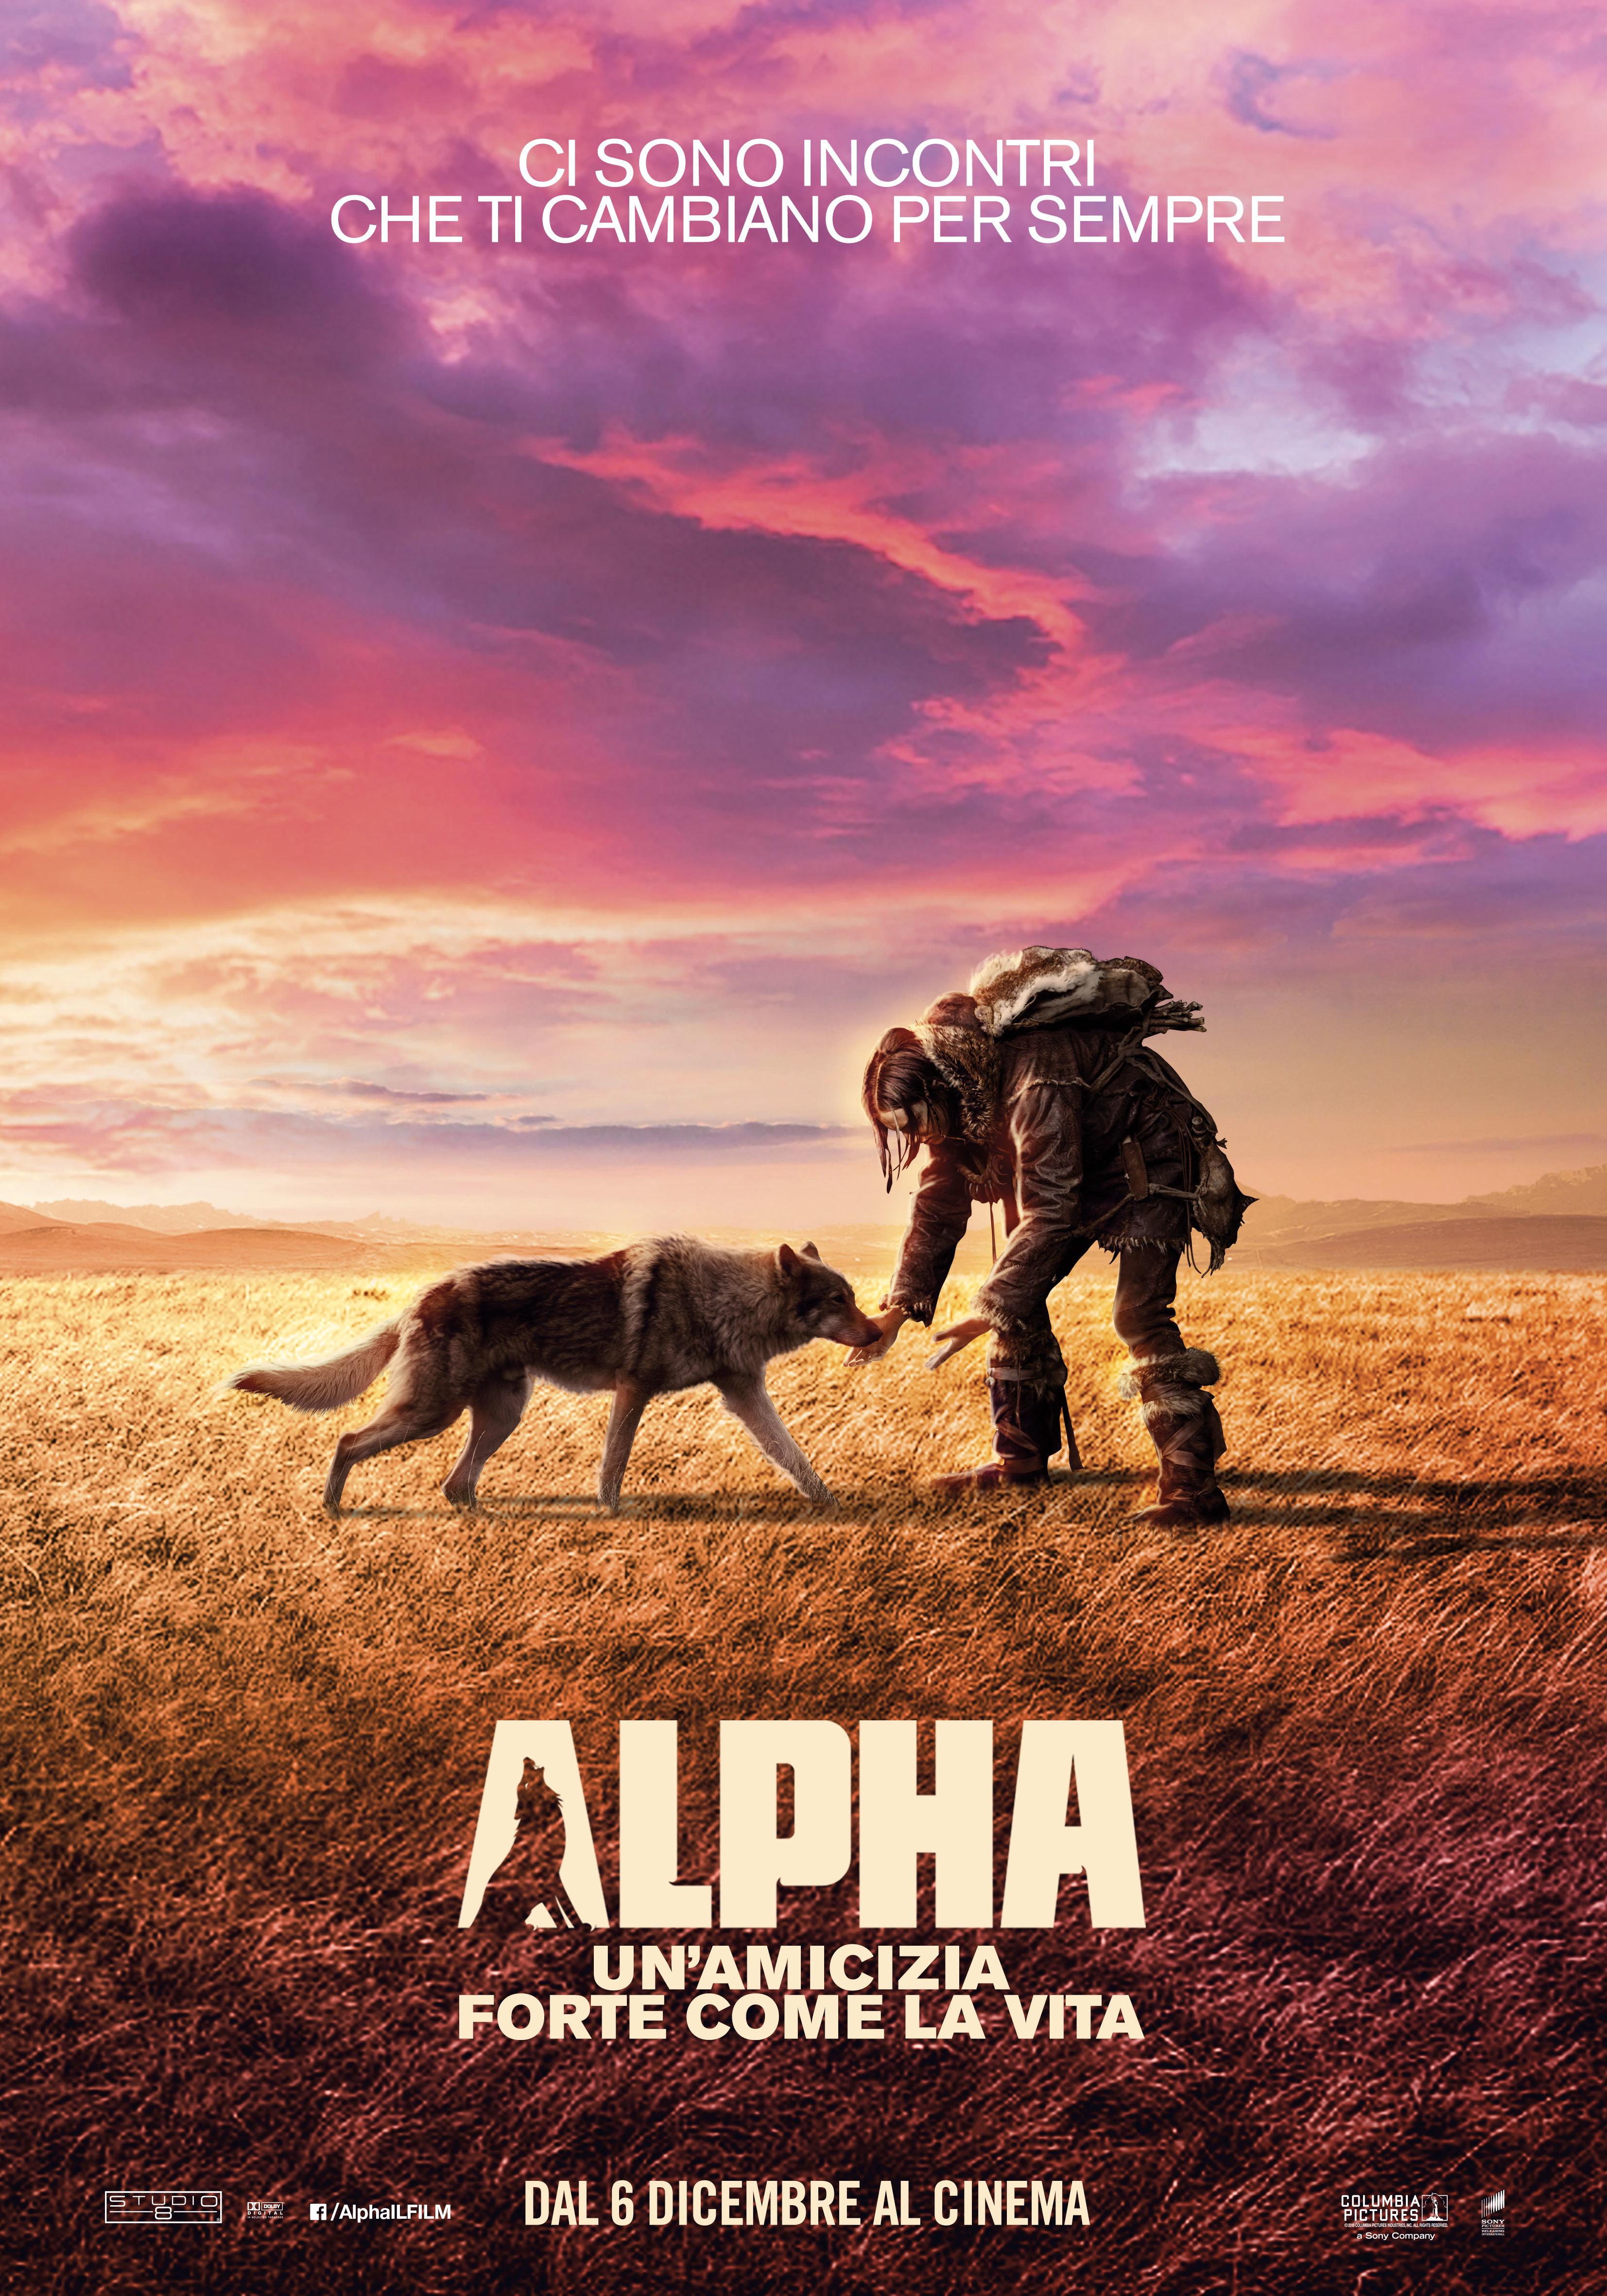 Alpha: un'amicizia forte come la vita | la storia di un ragazzo e un lupo